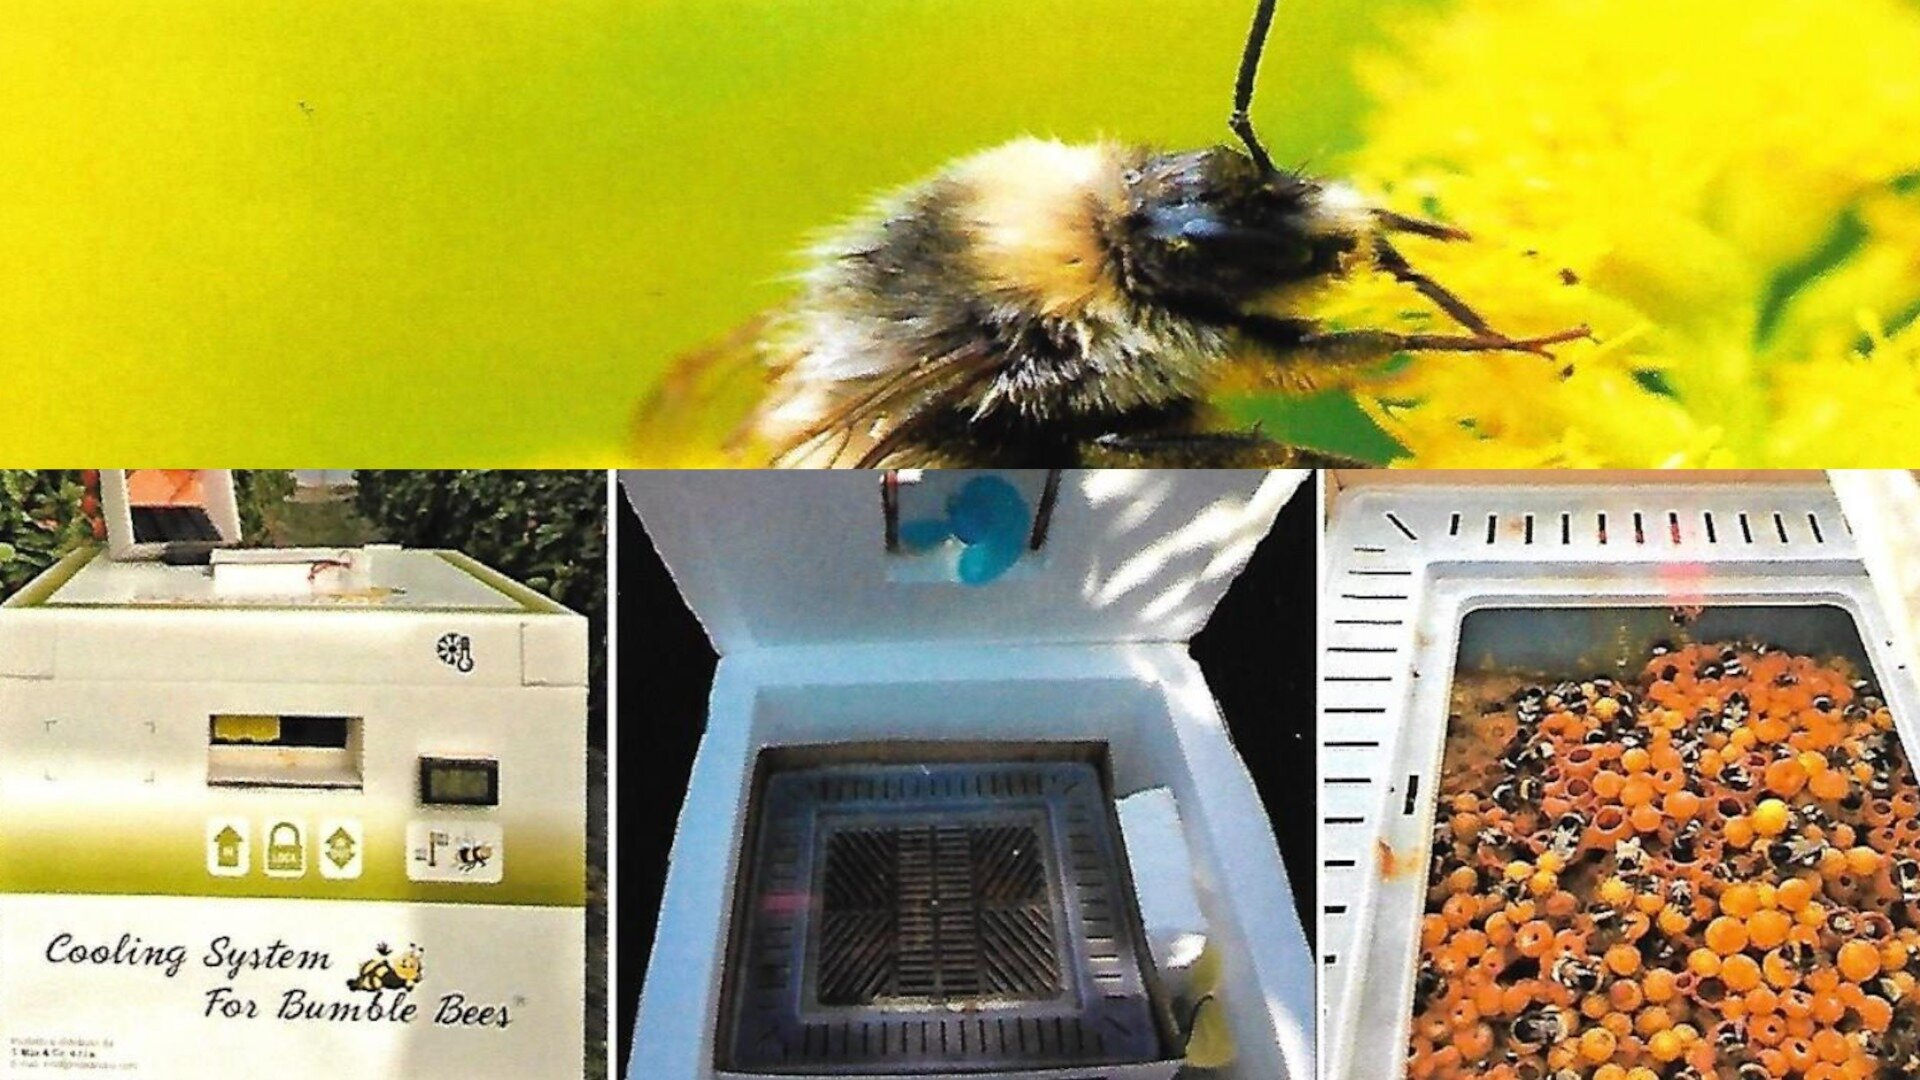 coolingsystemforbumblebees-1624271260.jpg